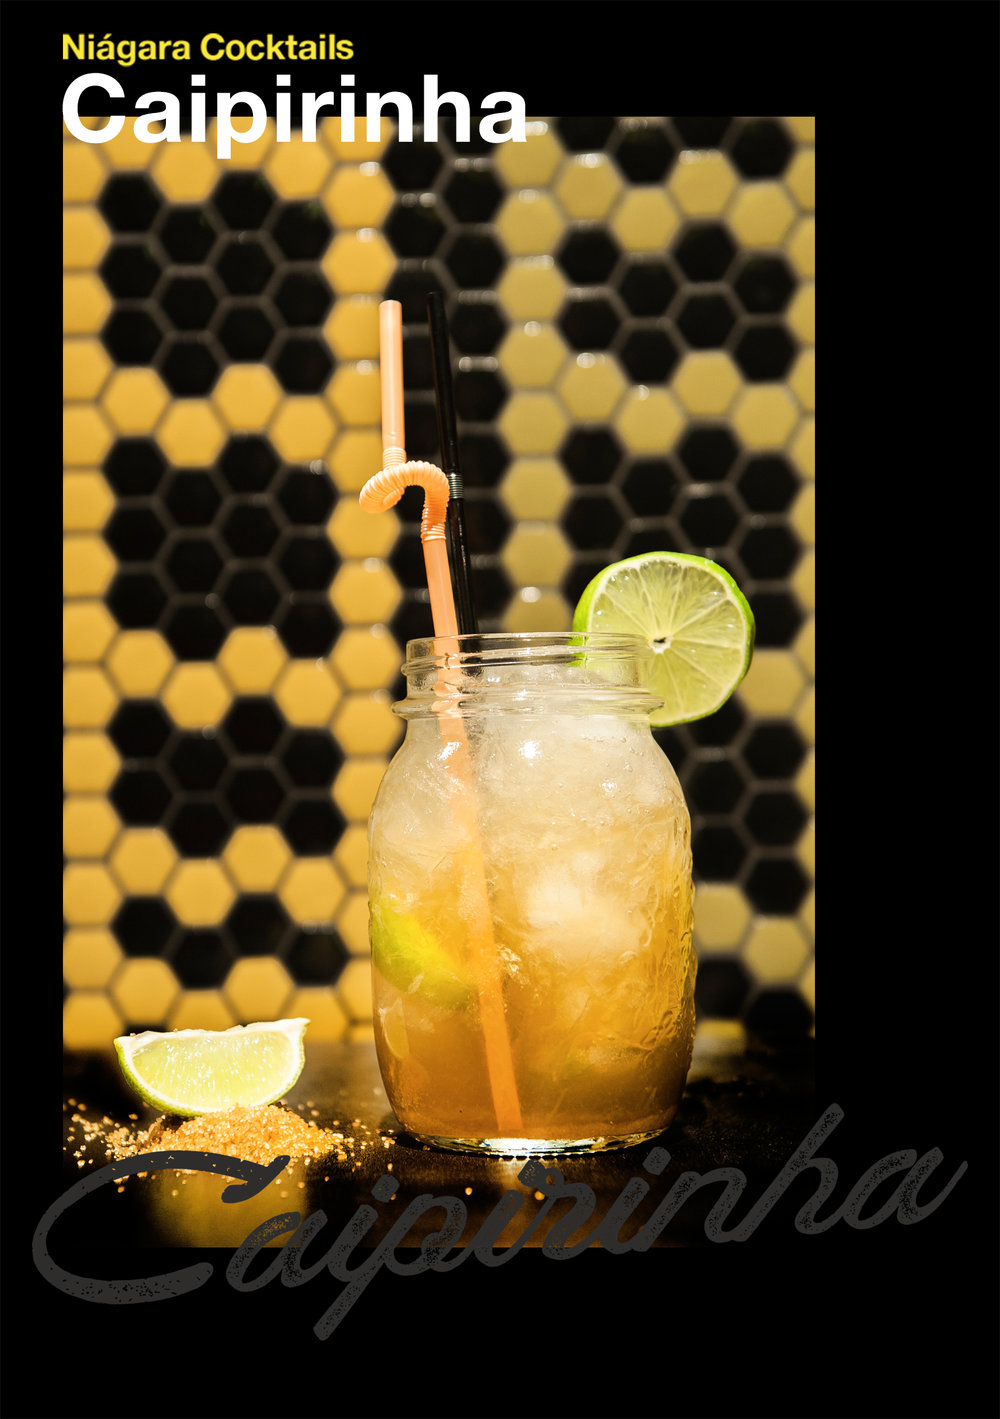 Viva Brasil - Caipirinha, bebida oficial de Brasil. Con un delicioso sabor a lima, apaga tu sed, disfruta del paraíso y mueve tus caderas!